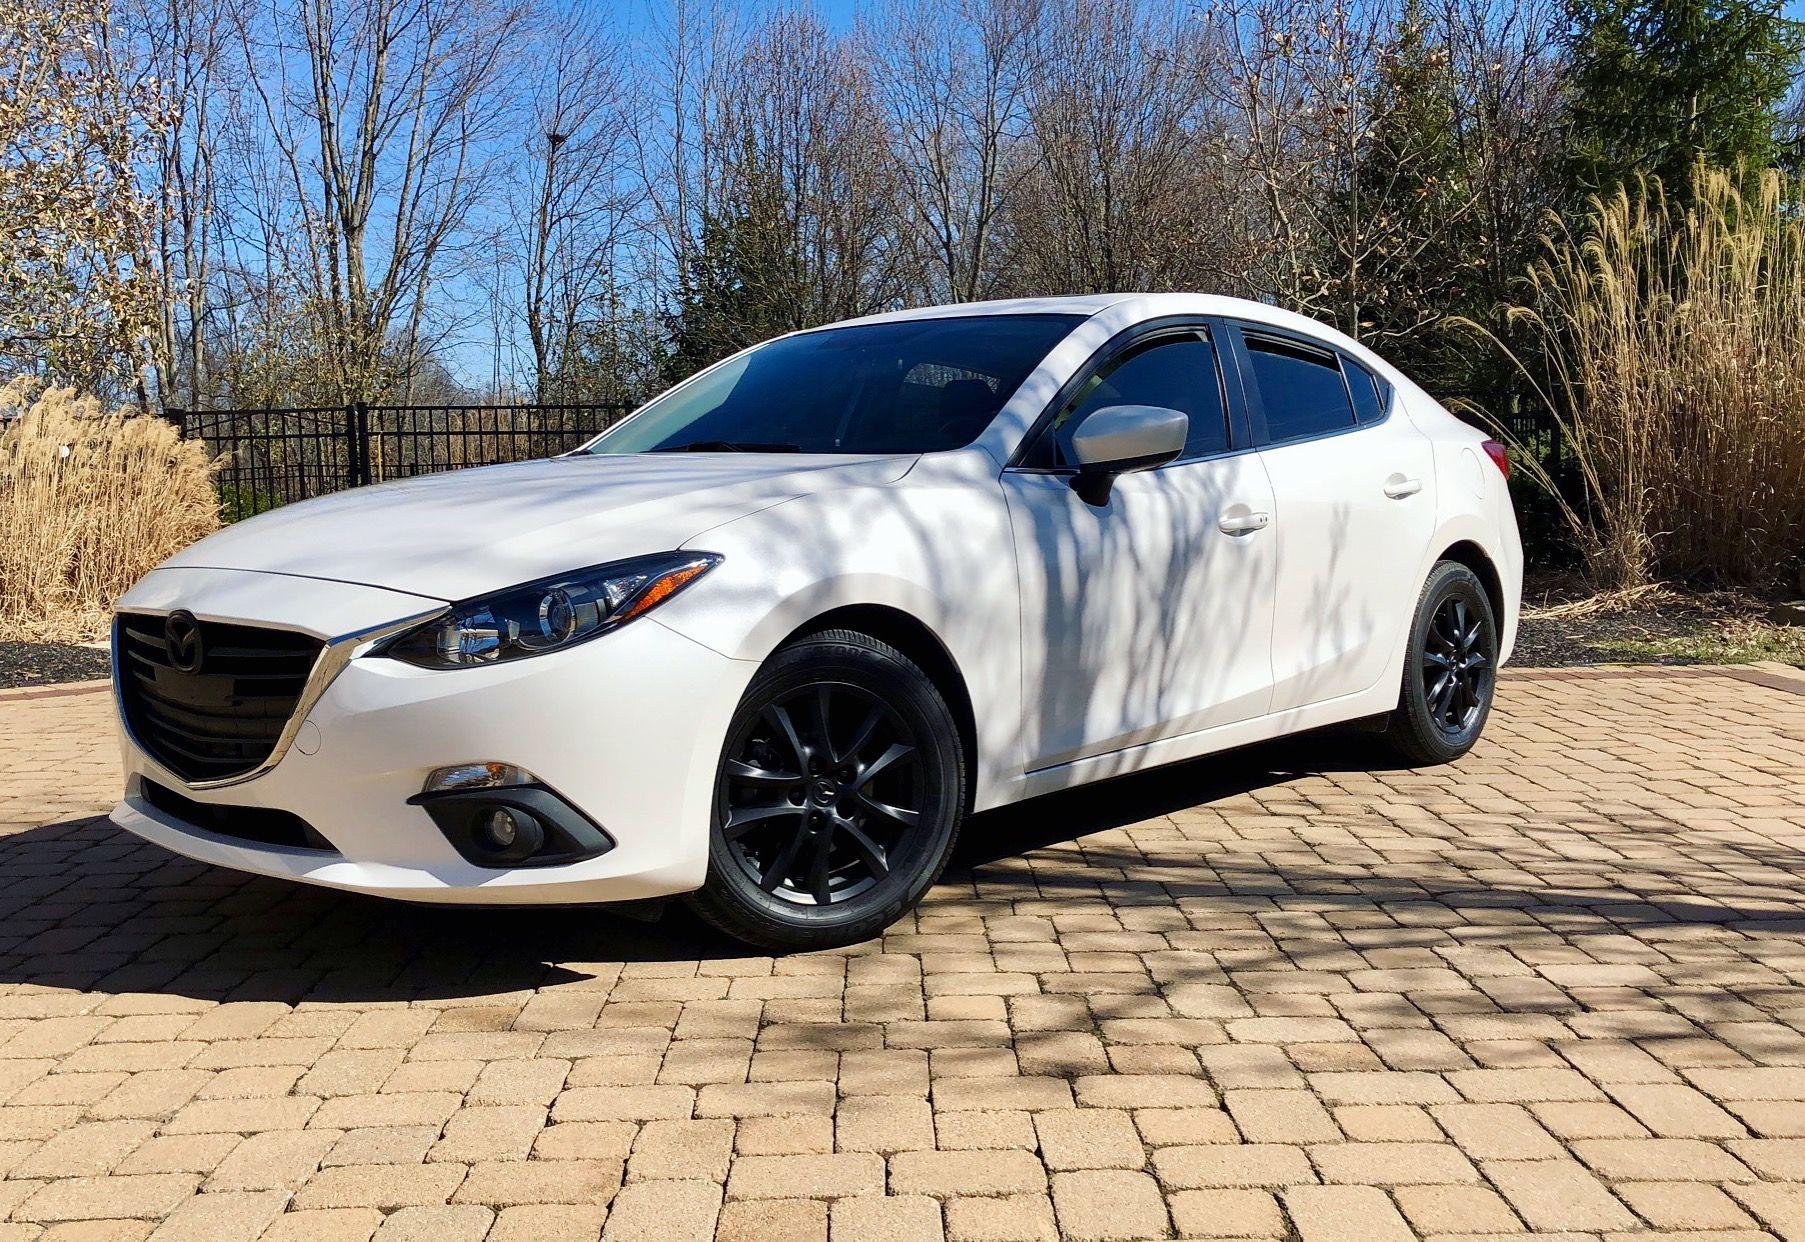 2015 Mazda 3 White With Black Cars Mazda 3 White